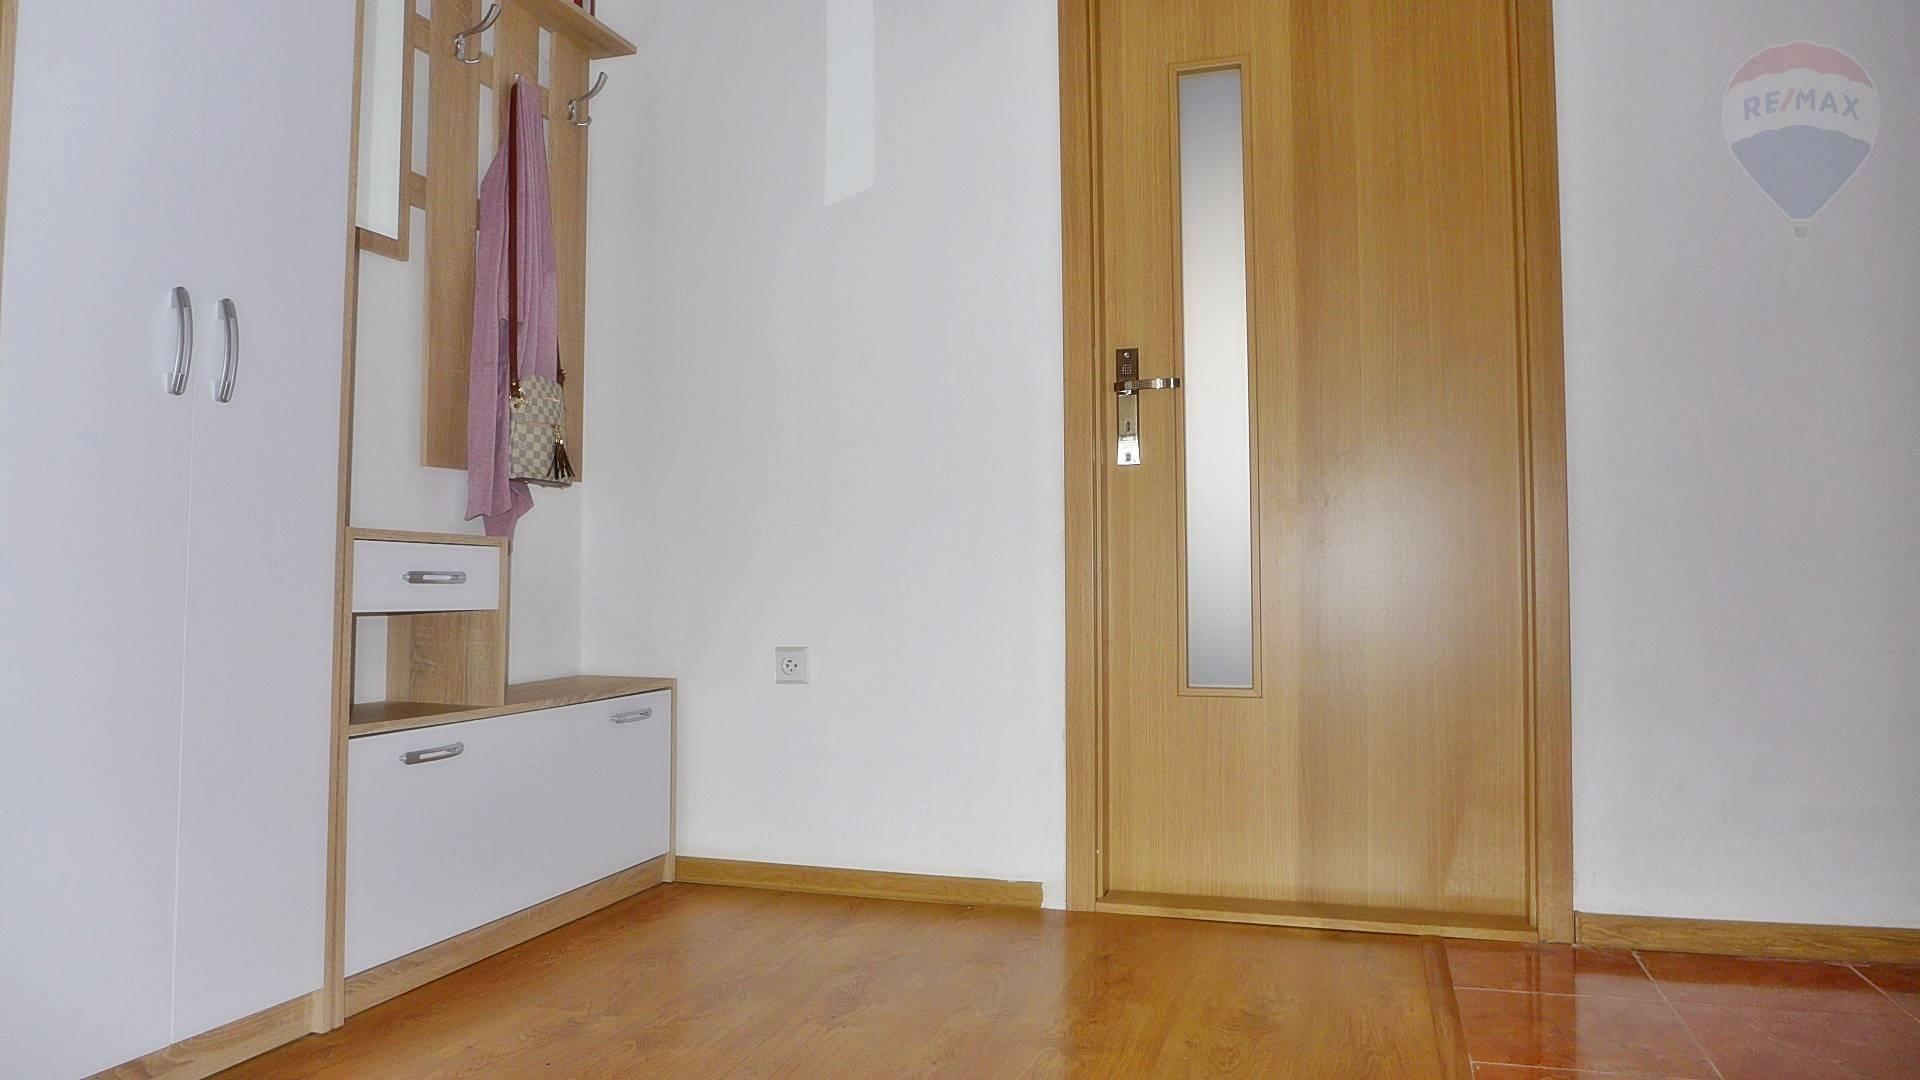 Predaj bytu (3 izbový) 70 m2, Prievidza - 3 izbový byt, 70 m2 ul. M. Rázusa sídl. Zapotôčky  -  PRIEVIDZA